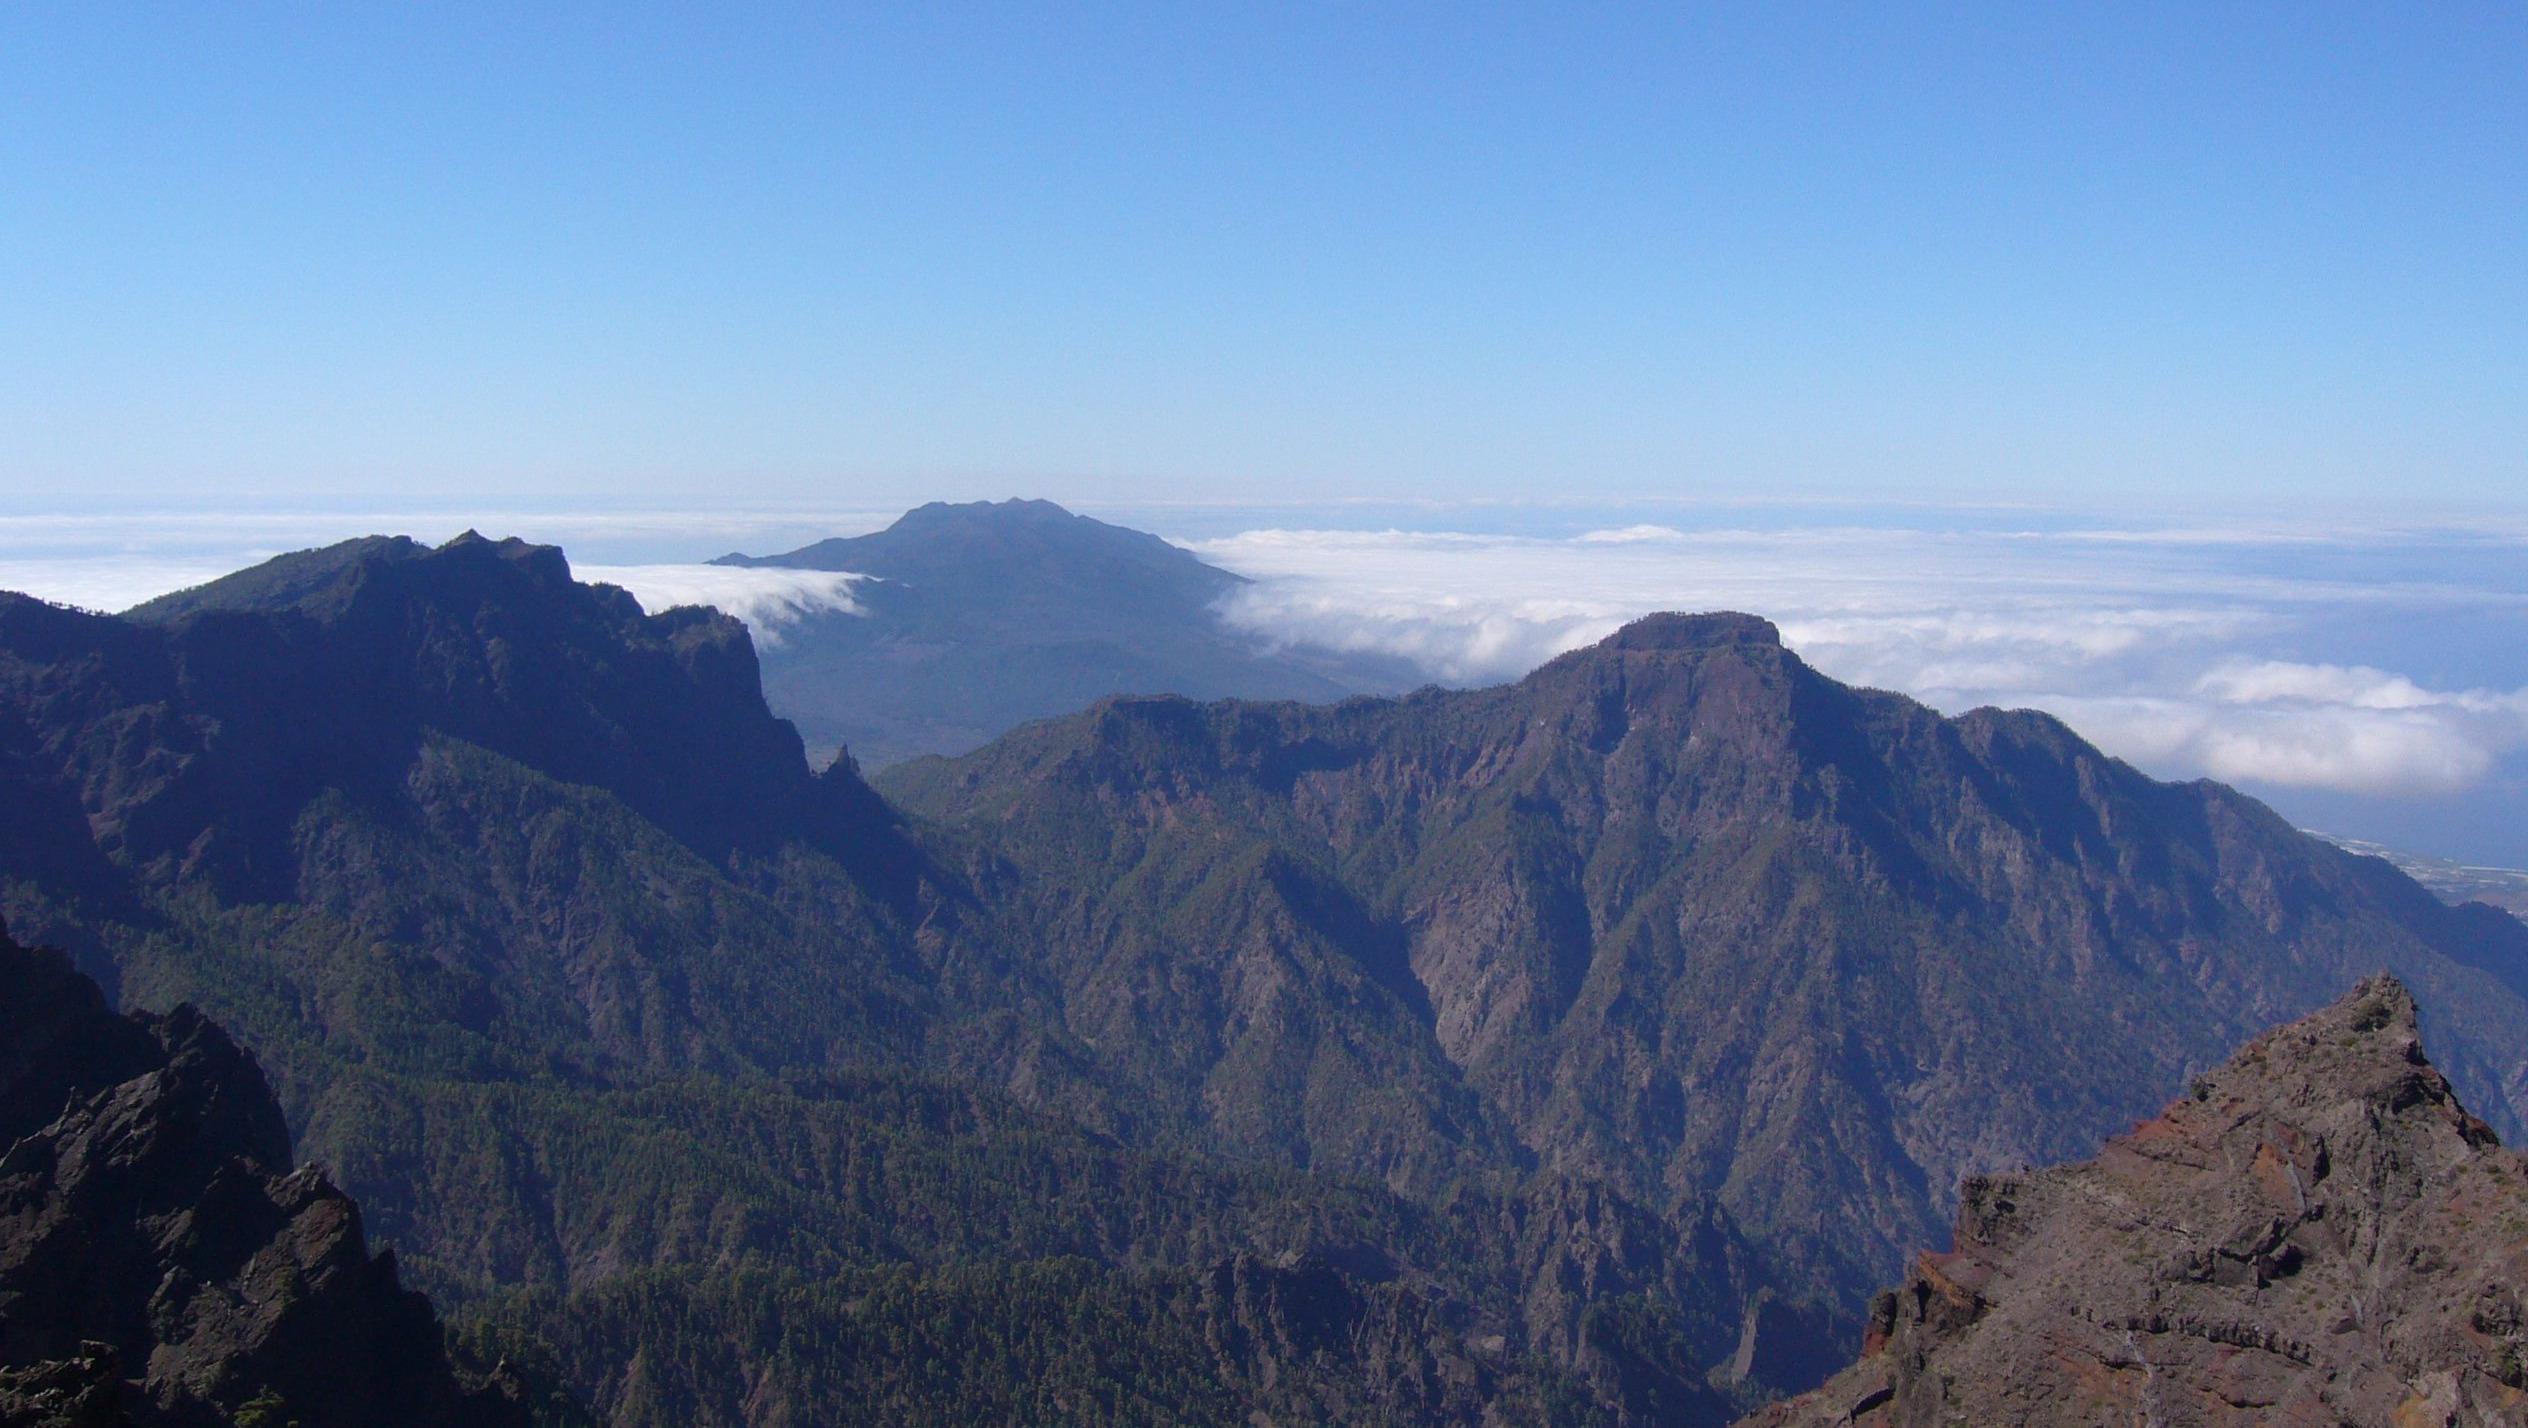 La Palma, Caldera, Roque de los Muchachos